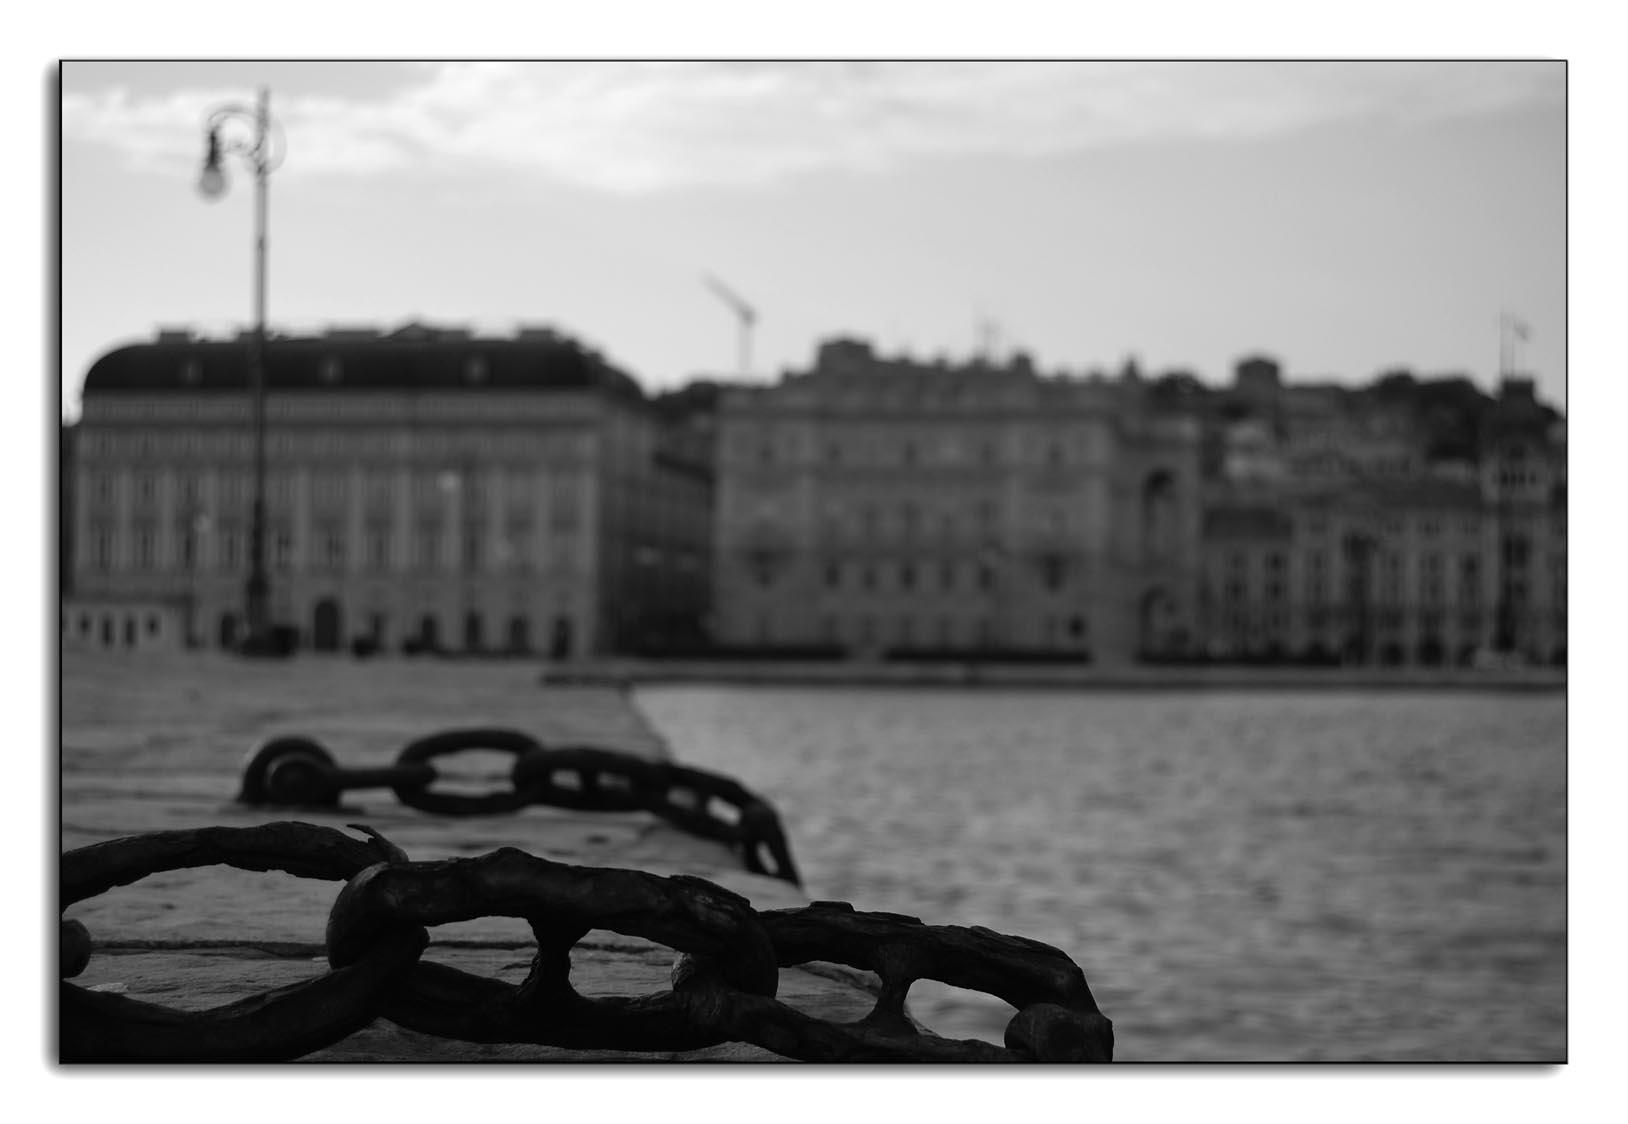 Chains ......